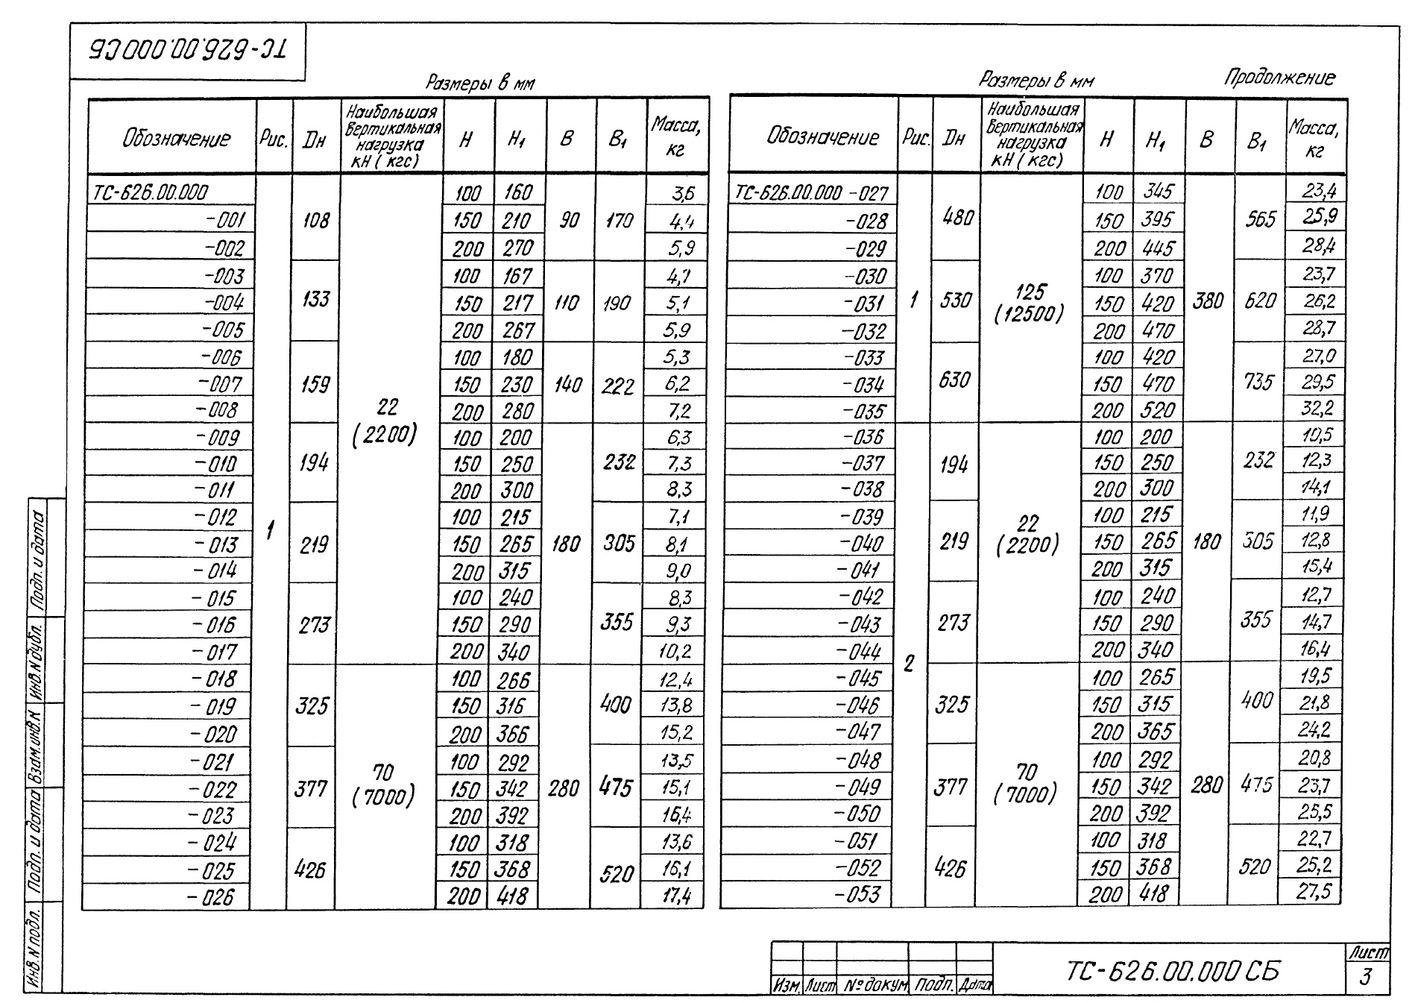 Опора скользящая хомутовая ТС-626.00.000 серия 5.903-13 выпуск 8-95 стр.3